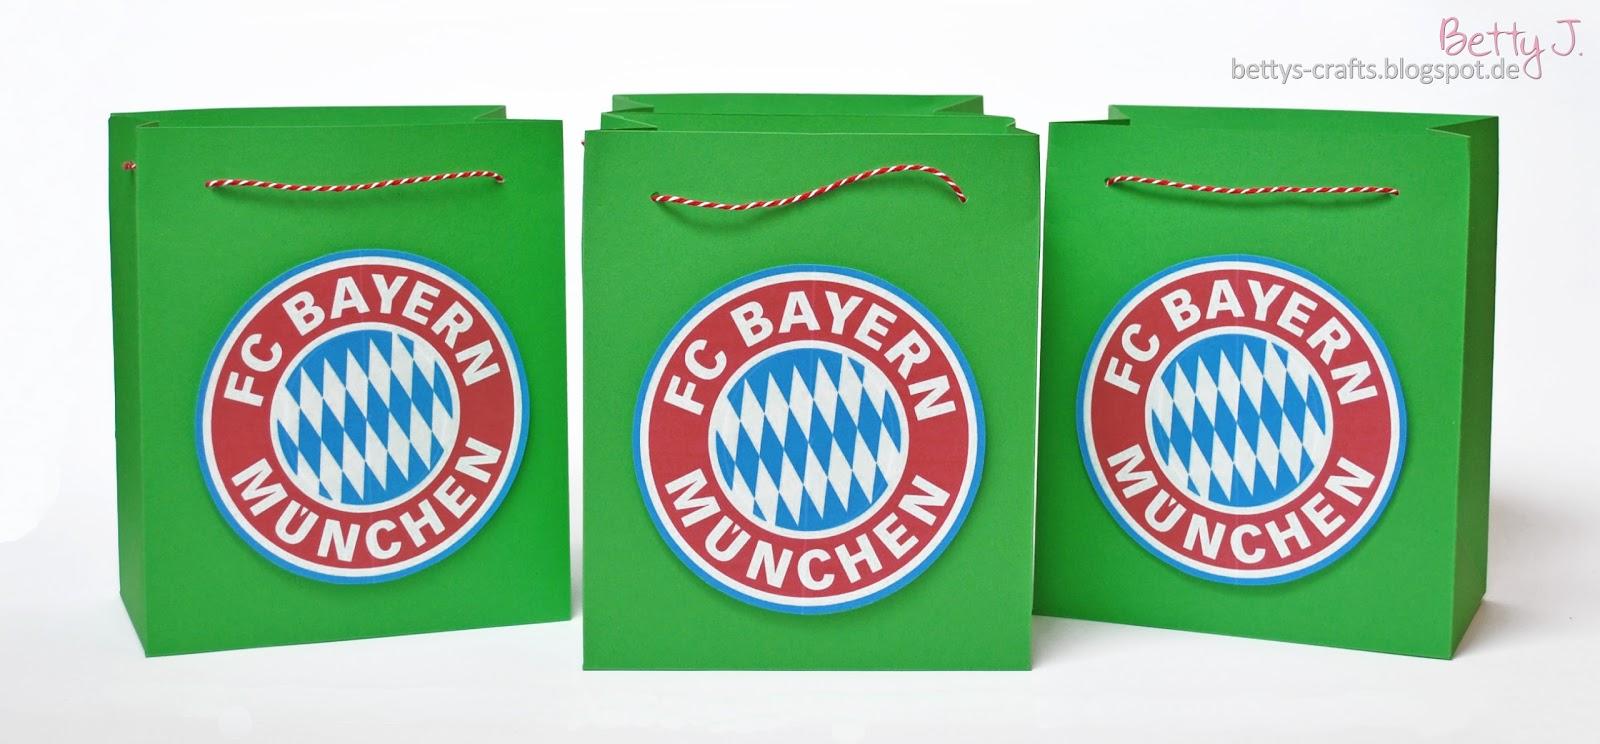 bettys crafts: bayern münchen geschenktüte für kindergeburtstag